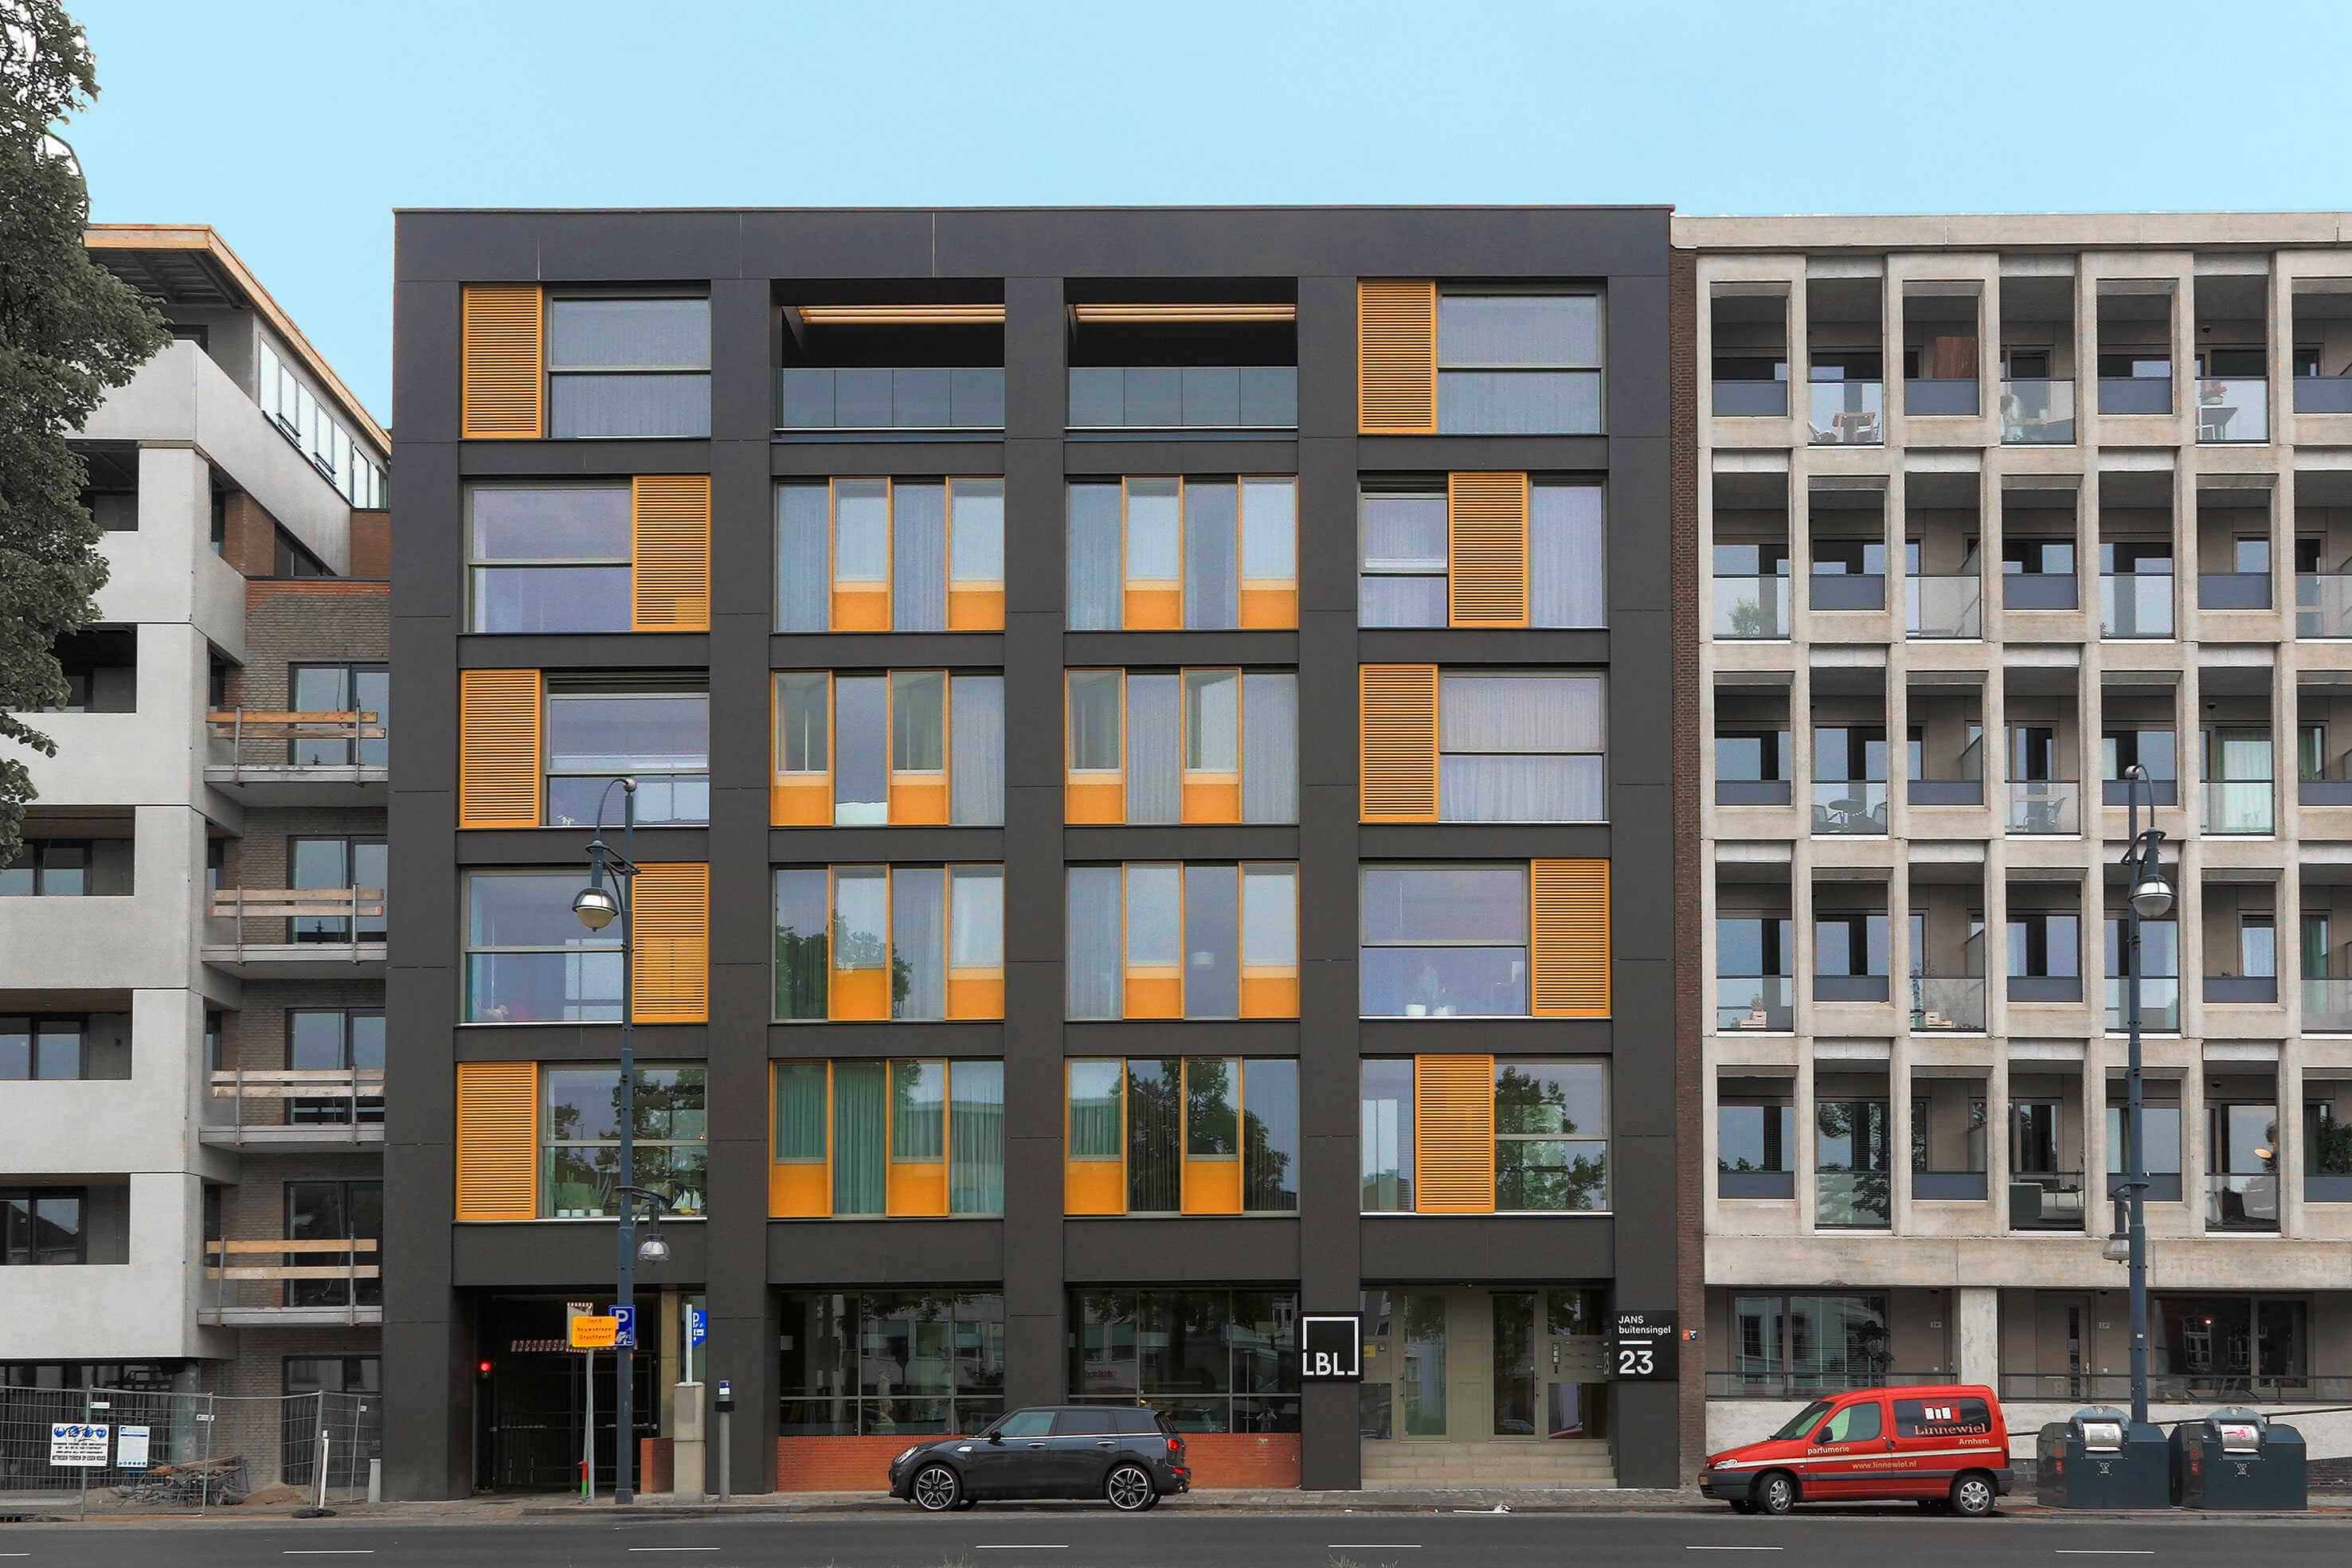 200428 Lbl01 | Edificio De Viviendas, Holanda